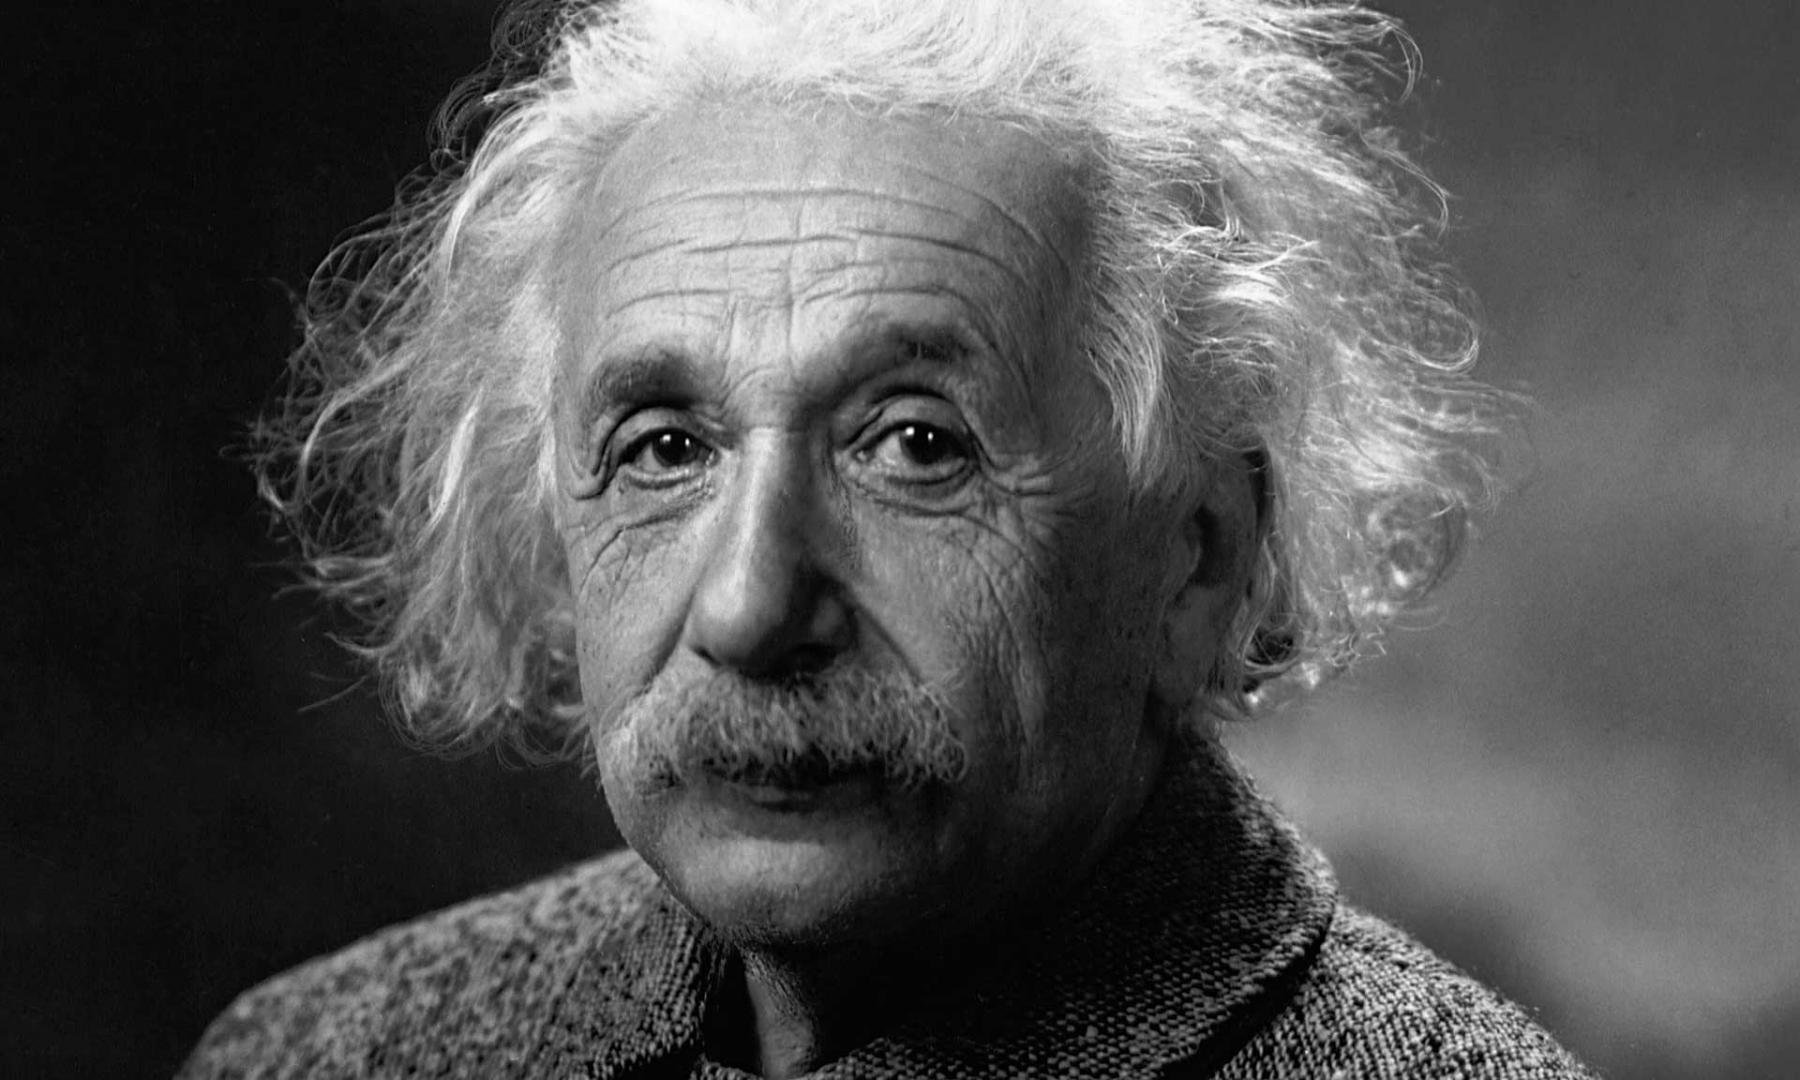 Великое уравнение Альберта Эйнштейна использовали впервые  для создания материи из света